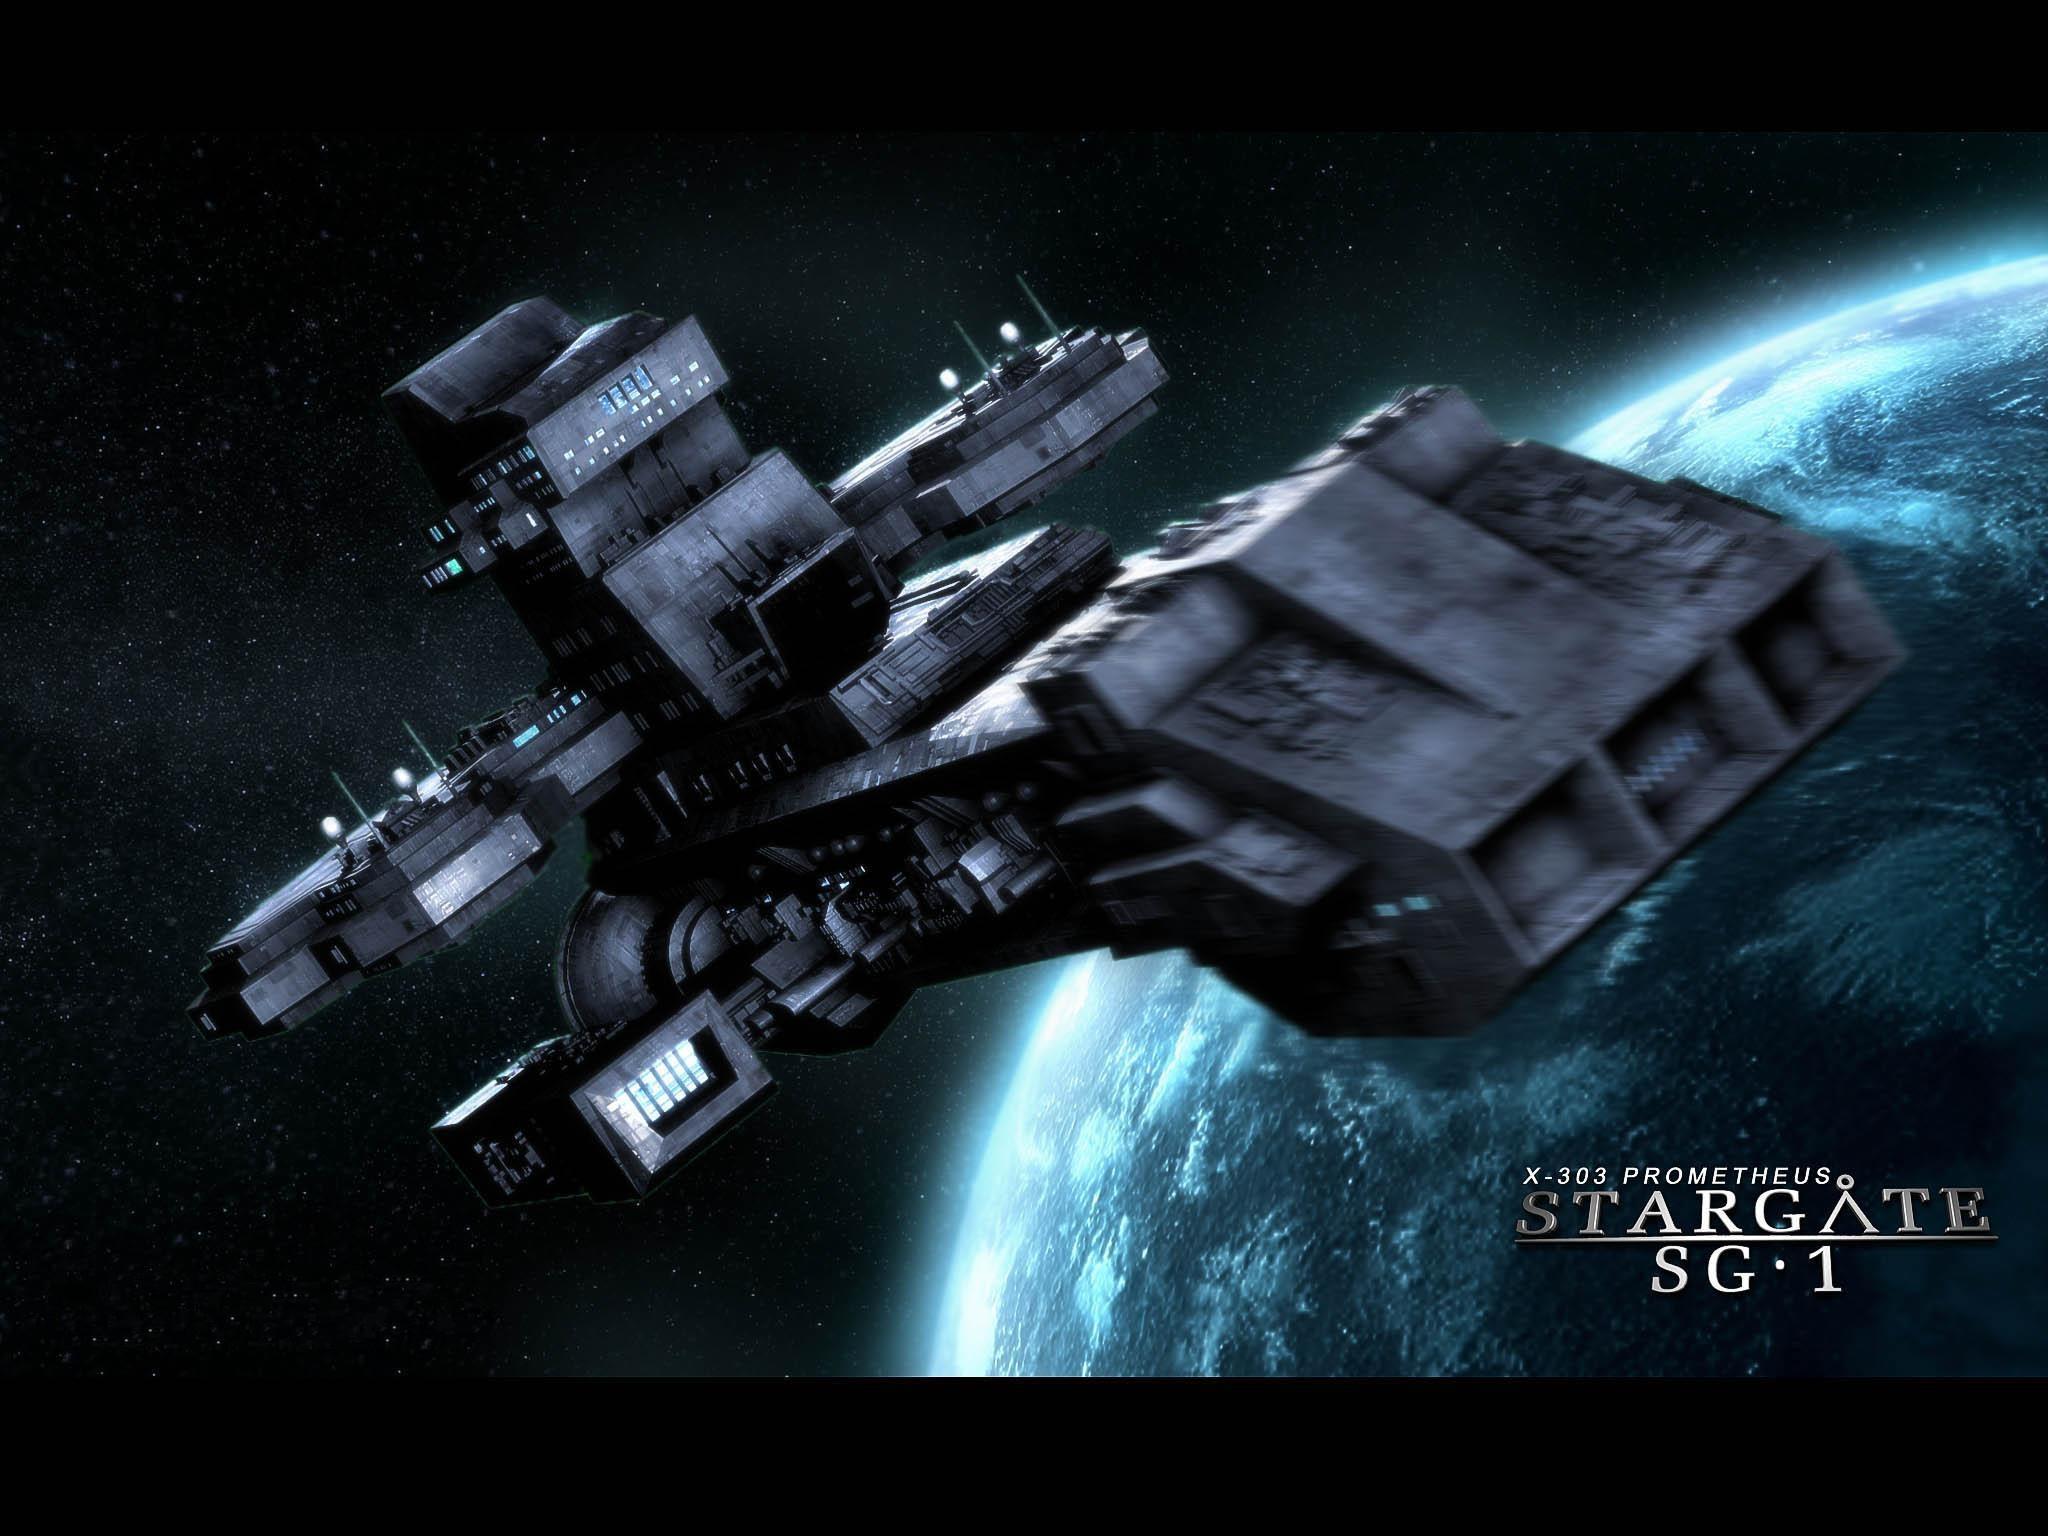 2048x1536 Stargate Stargate wallpaper 2048x1536